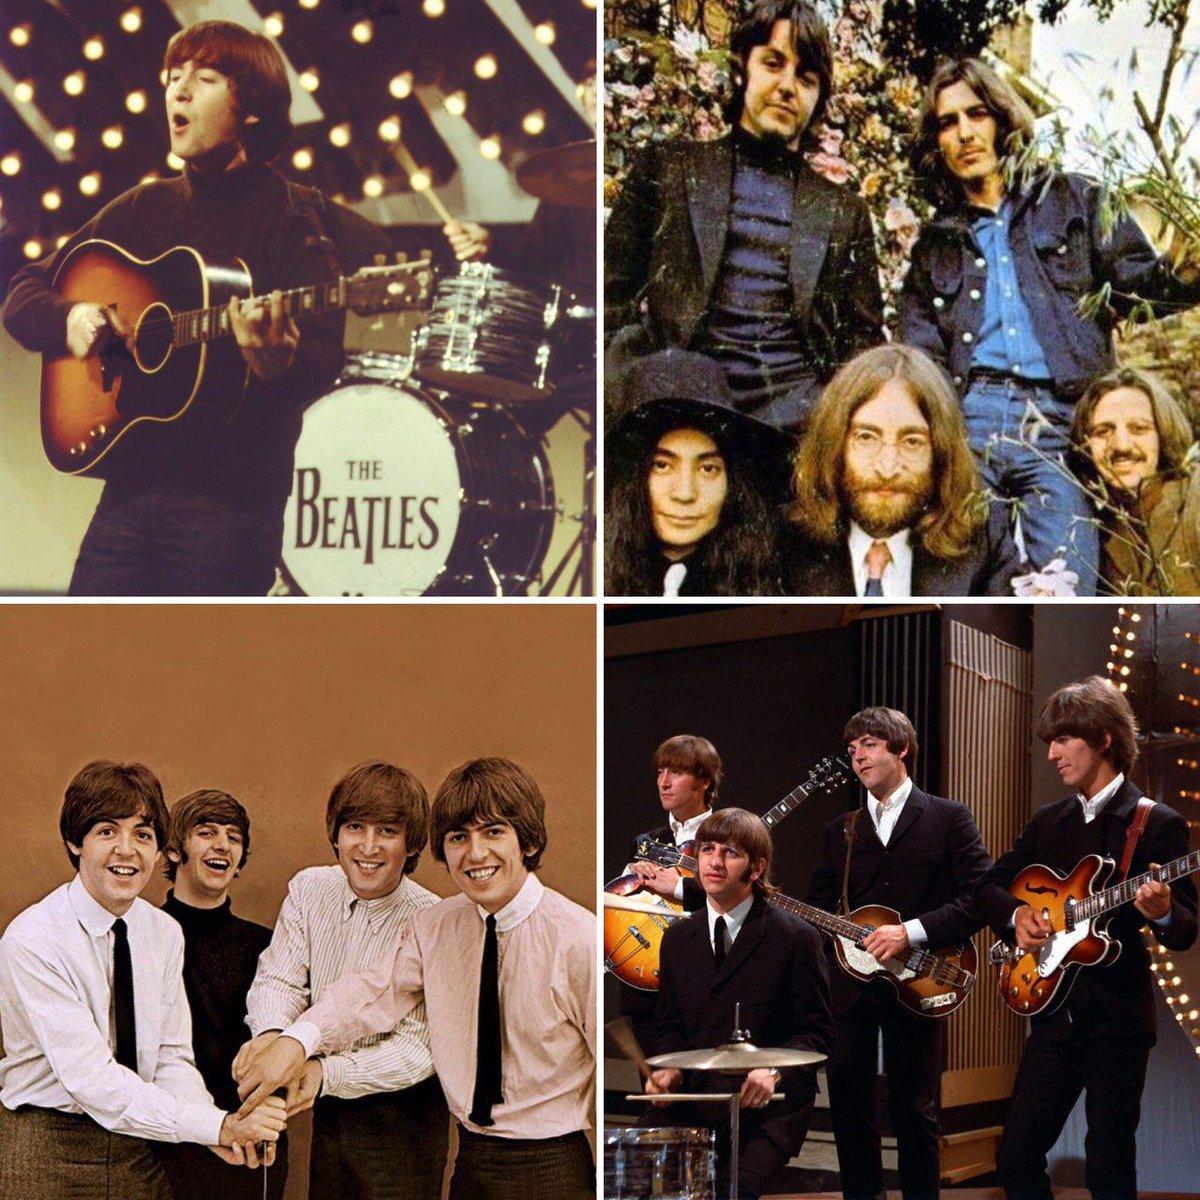 Сегодня всемирный день легендарной группы «The Beatles»! https://t.co/p2XgOpjyKA